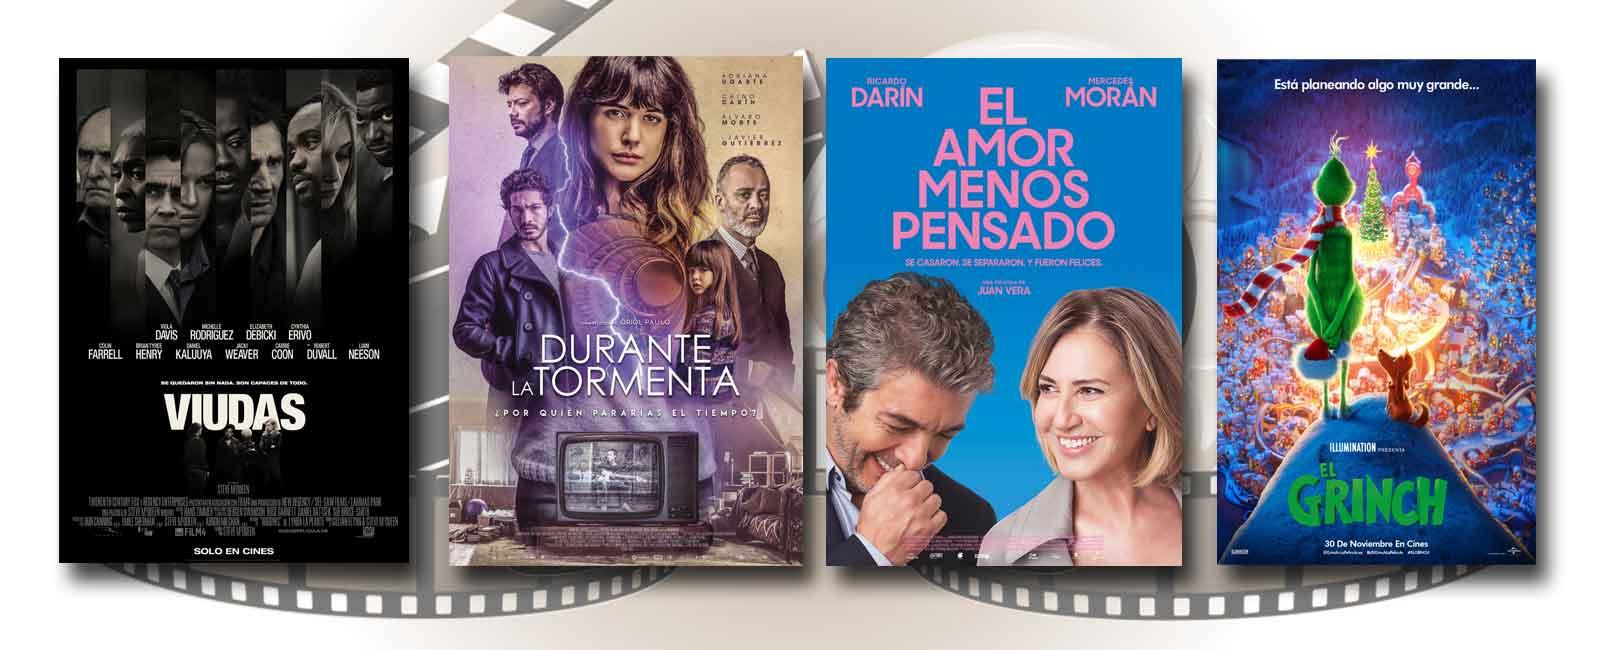 Estrenos de Cine de la Semana… 30 de Noviembre 2018